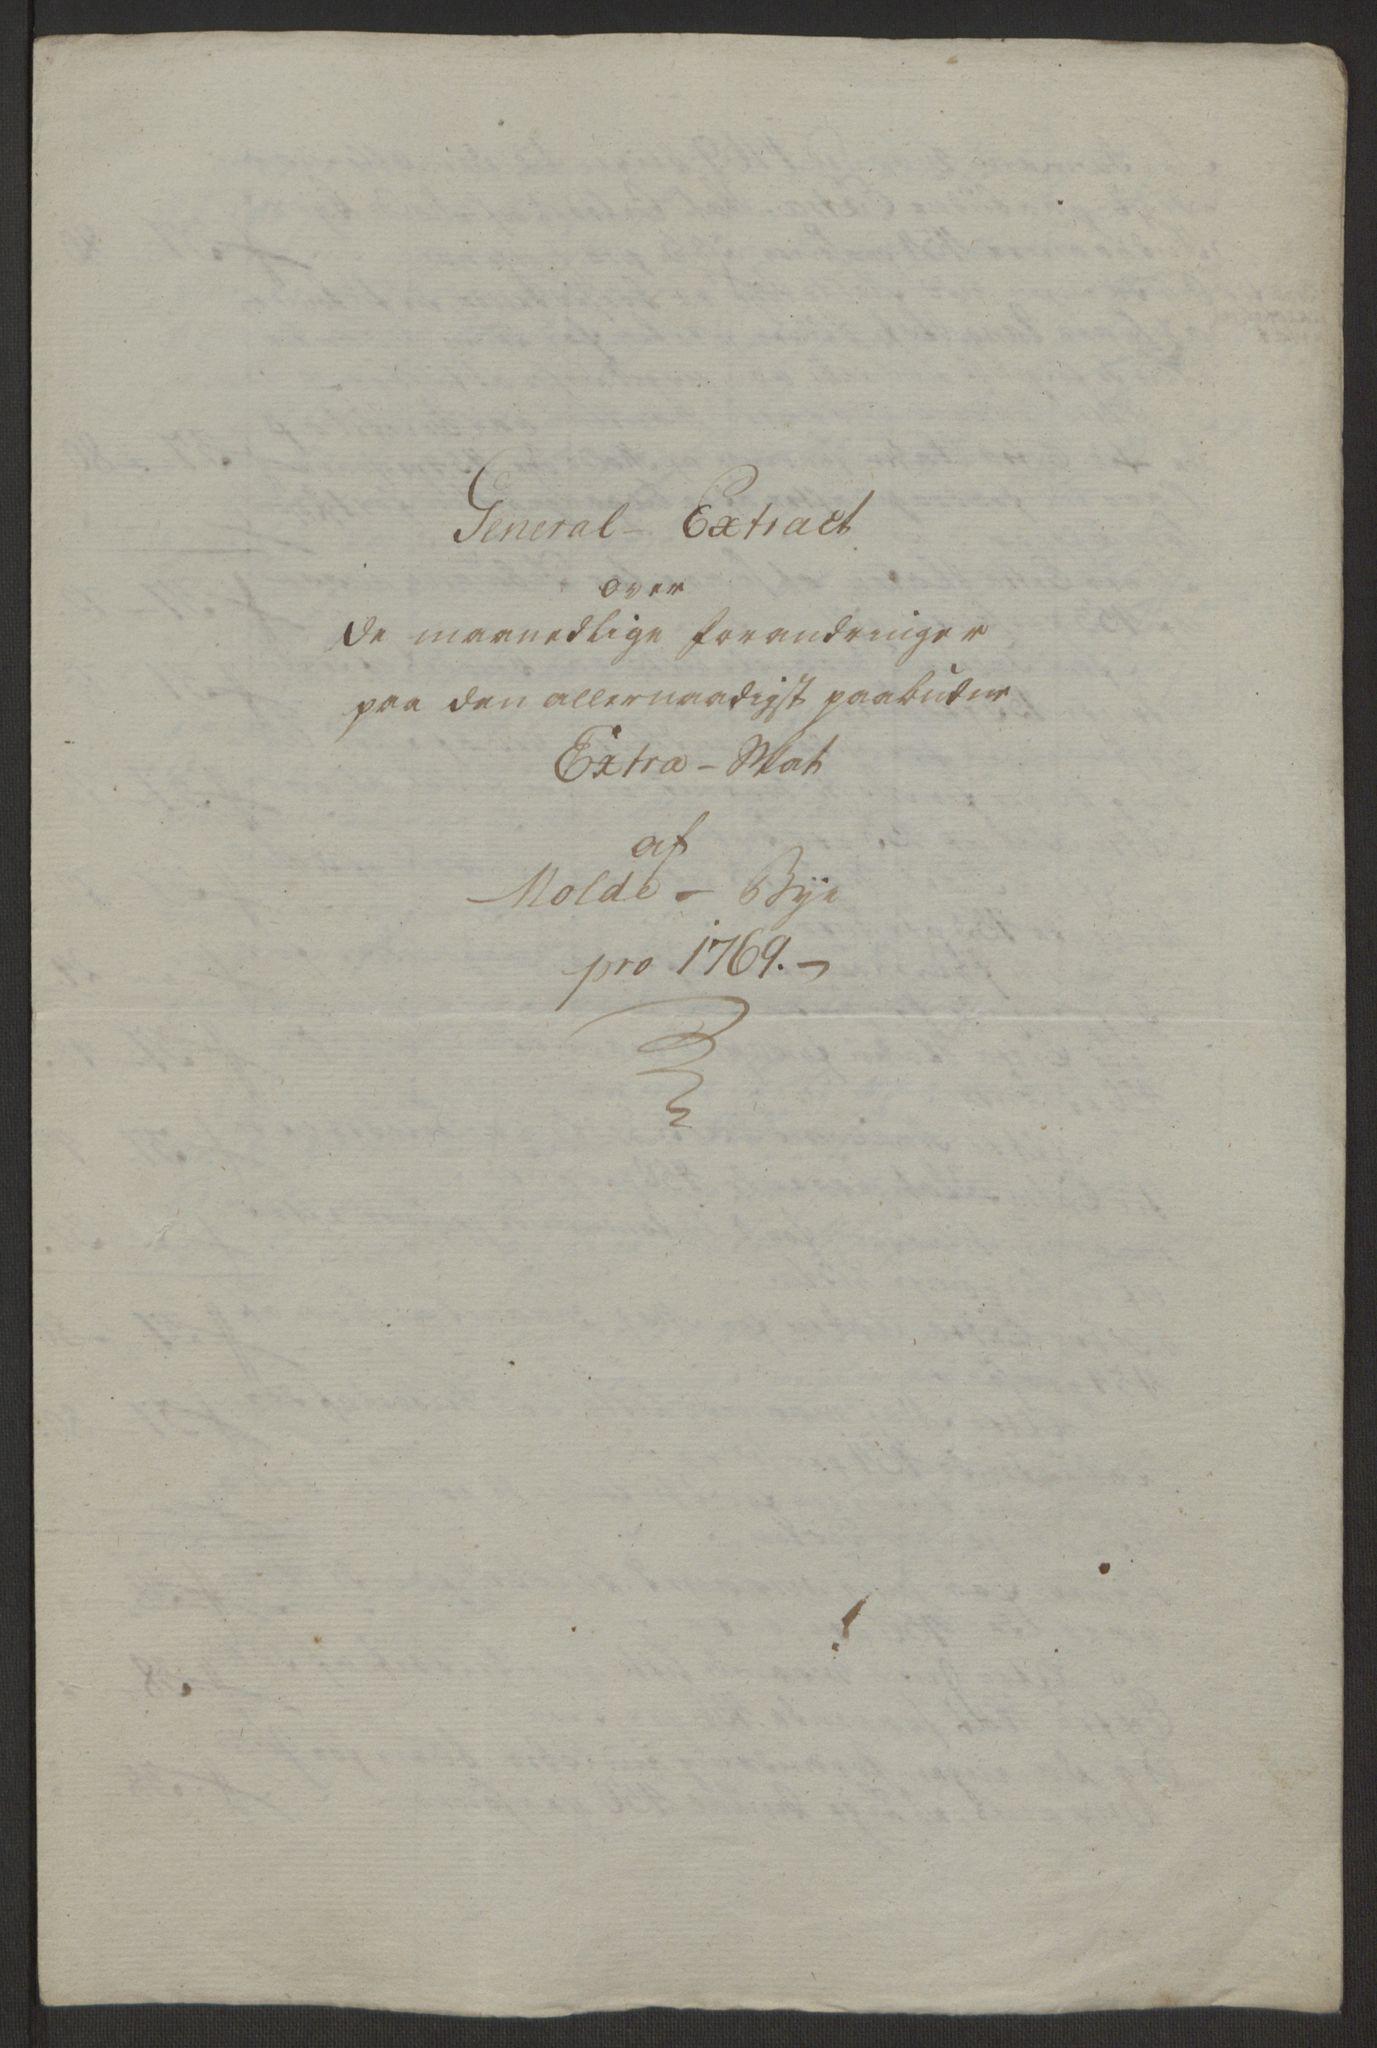 RA, Rentekammeret inntil 1814, Reviderte regnskaper, Byregnskaper, R/Rq/L0487: [Q1] Kontribusjonsregnskap, 1762-1772, s. 176